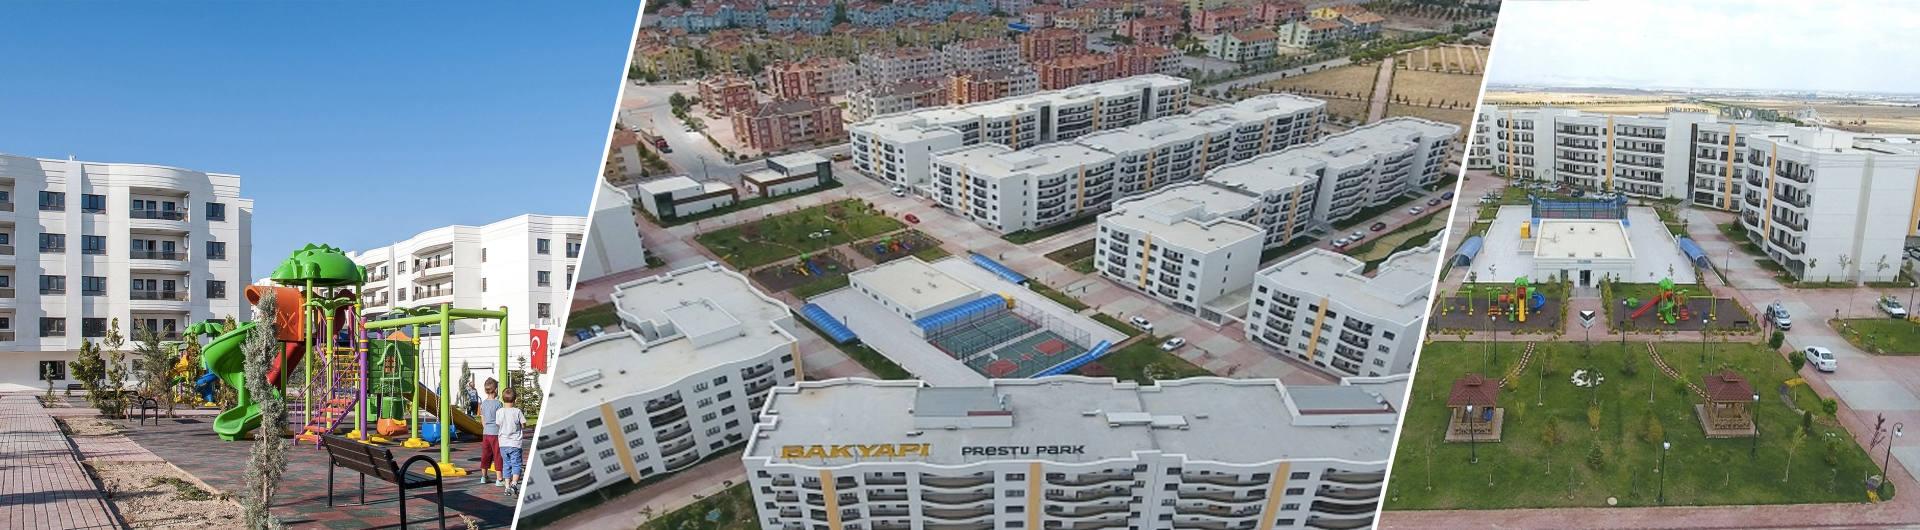 Bak Yapı Konya Prestij Park Konut Projesi arkaplan